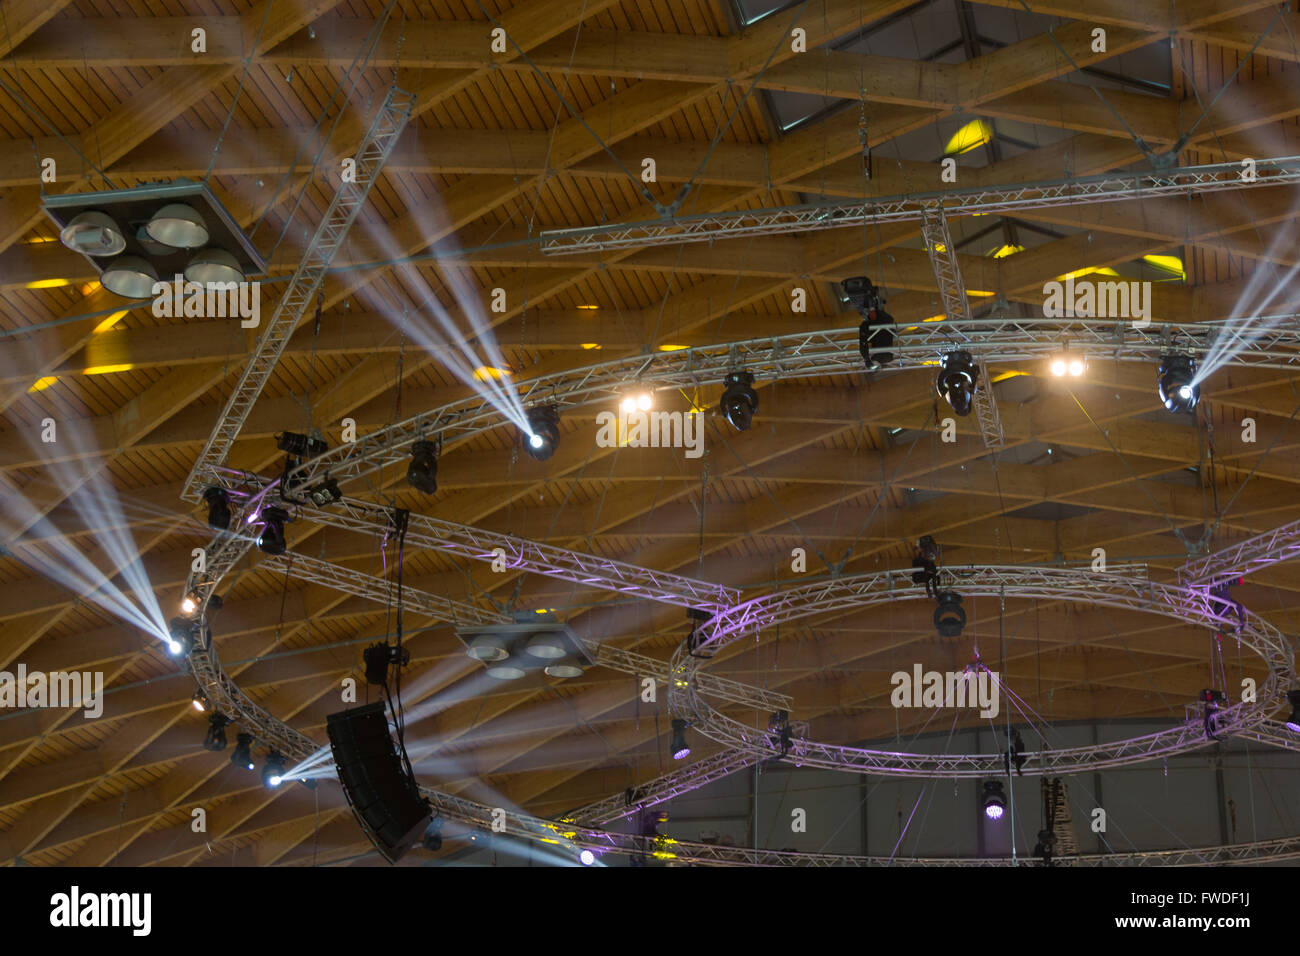 Illuminazione Soffitto Con Travi In Legno : Stadio rack luci con faretti sul soffitto con travi in legno a vista